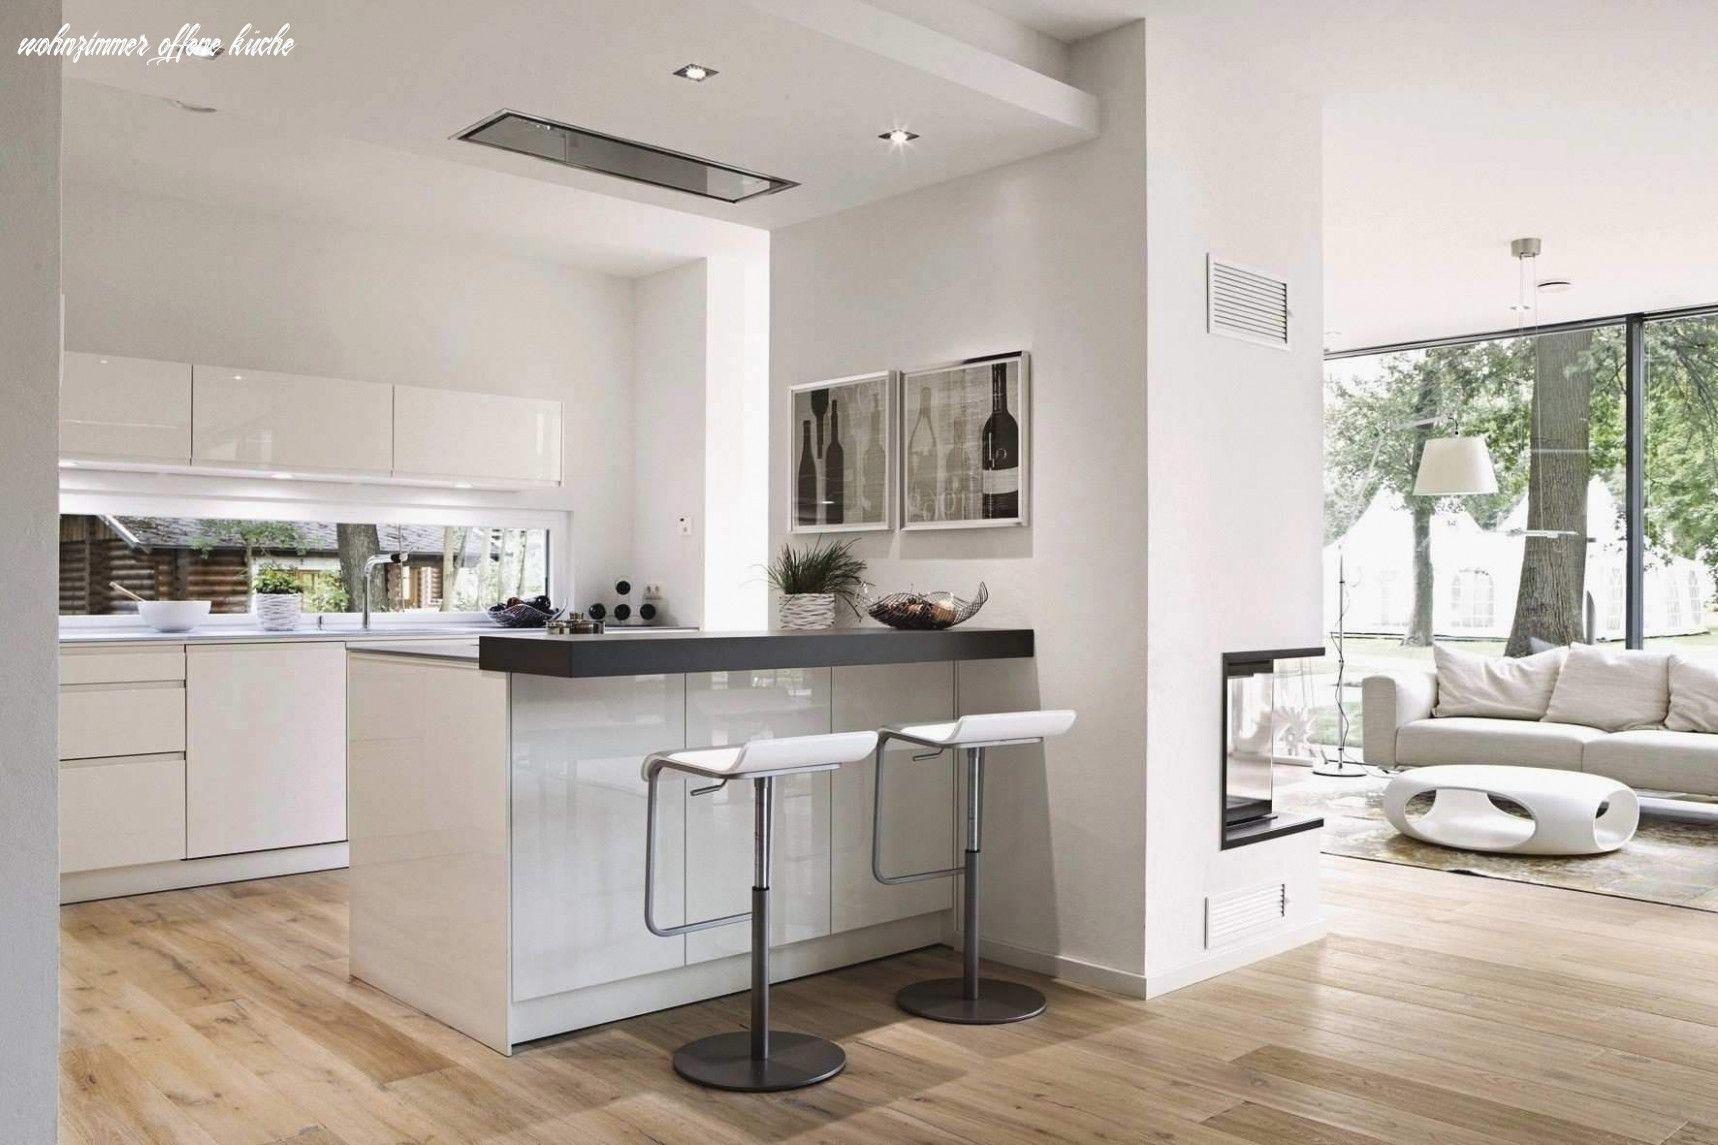 Wie Man Leute Dazu Bringt, Wohnzimmer Offene Küche Zu Mögen in